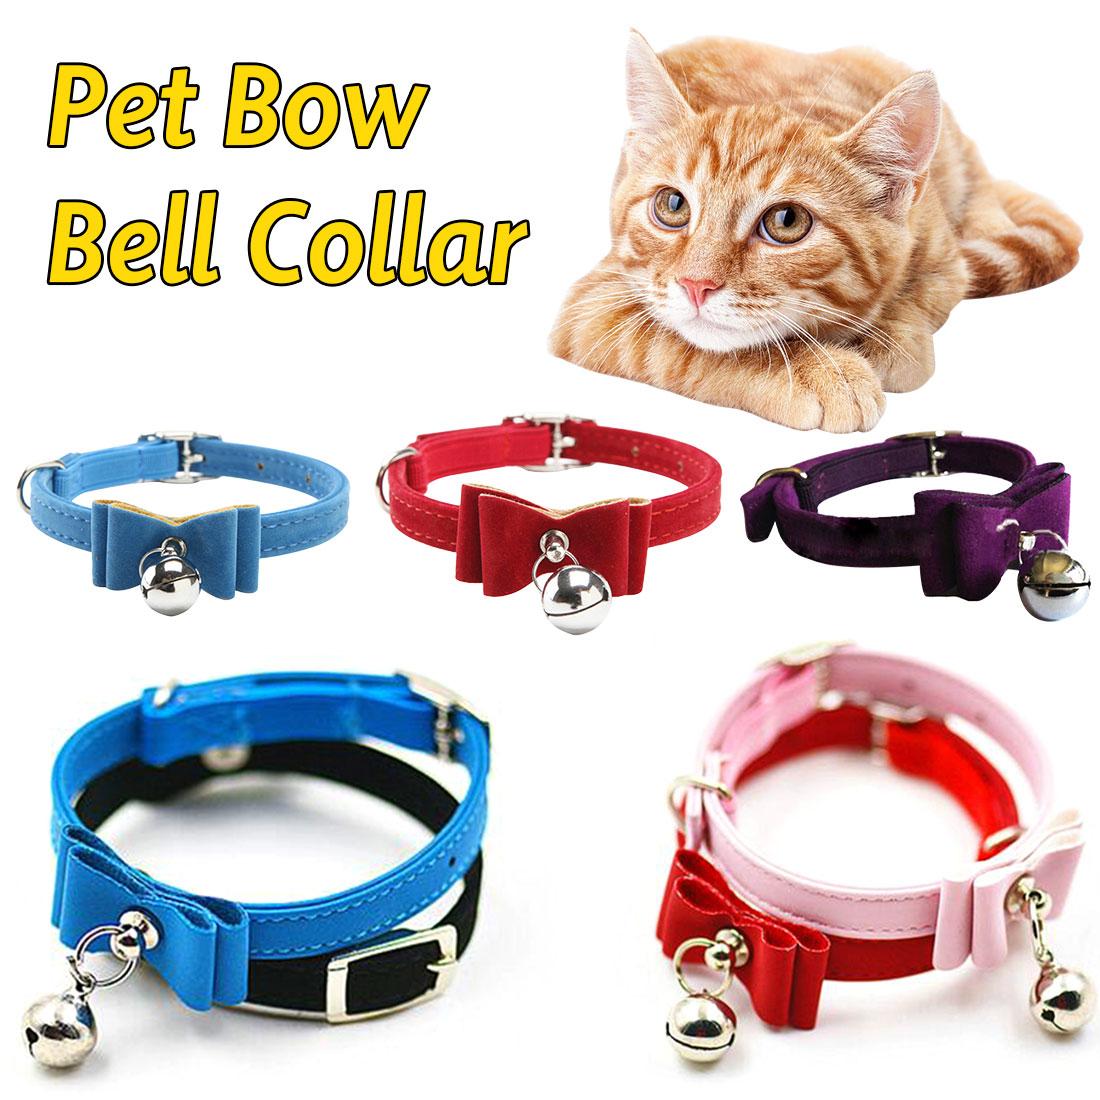 Collares de pajarita con cascabeles para gatos, Collar elástico ajustable seguro para gatos y gatos, 5 productos de colores para mascotas, proveedor de collares para perros